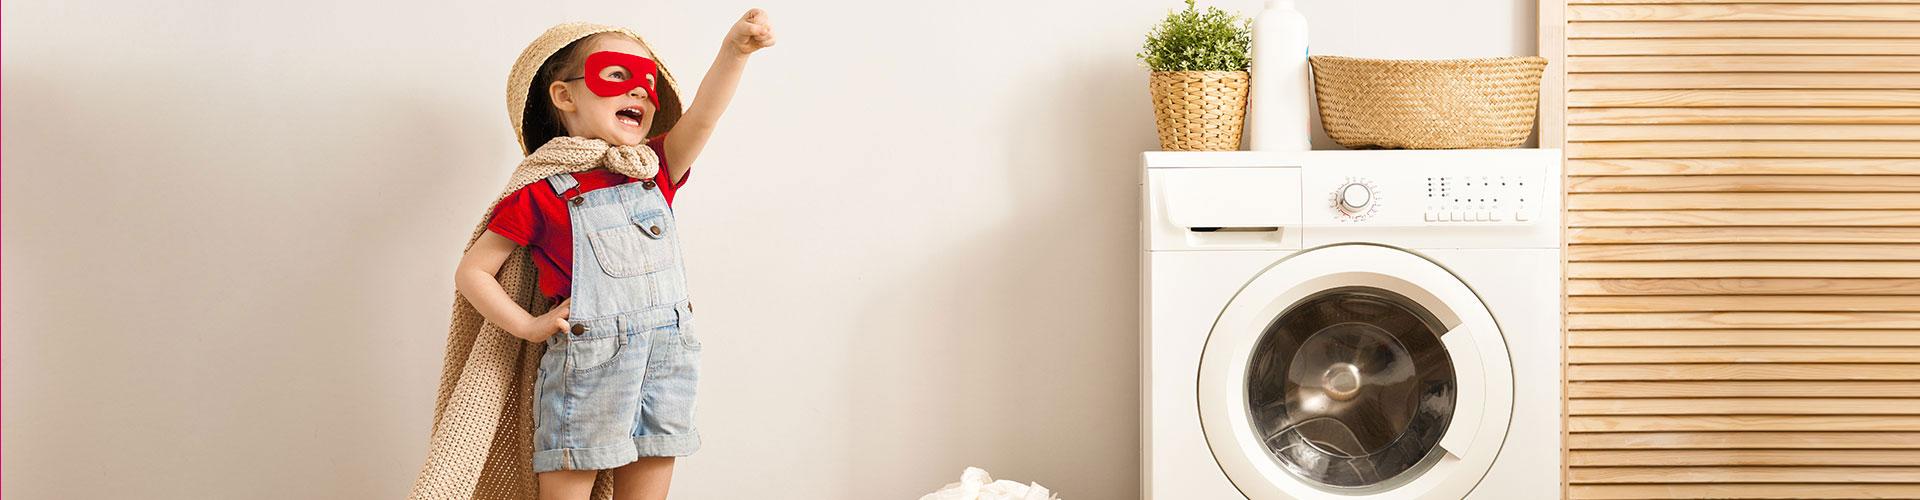 Unser Unternehmen ist voll mit Wäschehelden. Im Bild kleines Mädchen mit Cape und Augenmaske im Wäscherei-Pauli-Stil